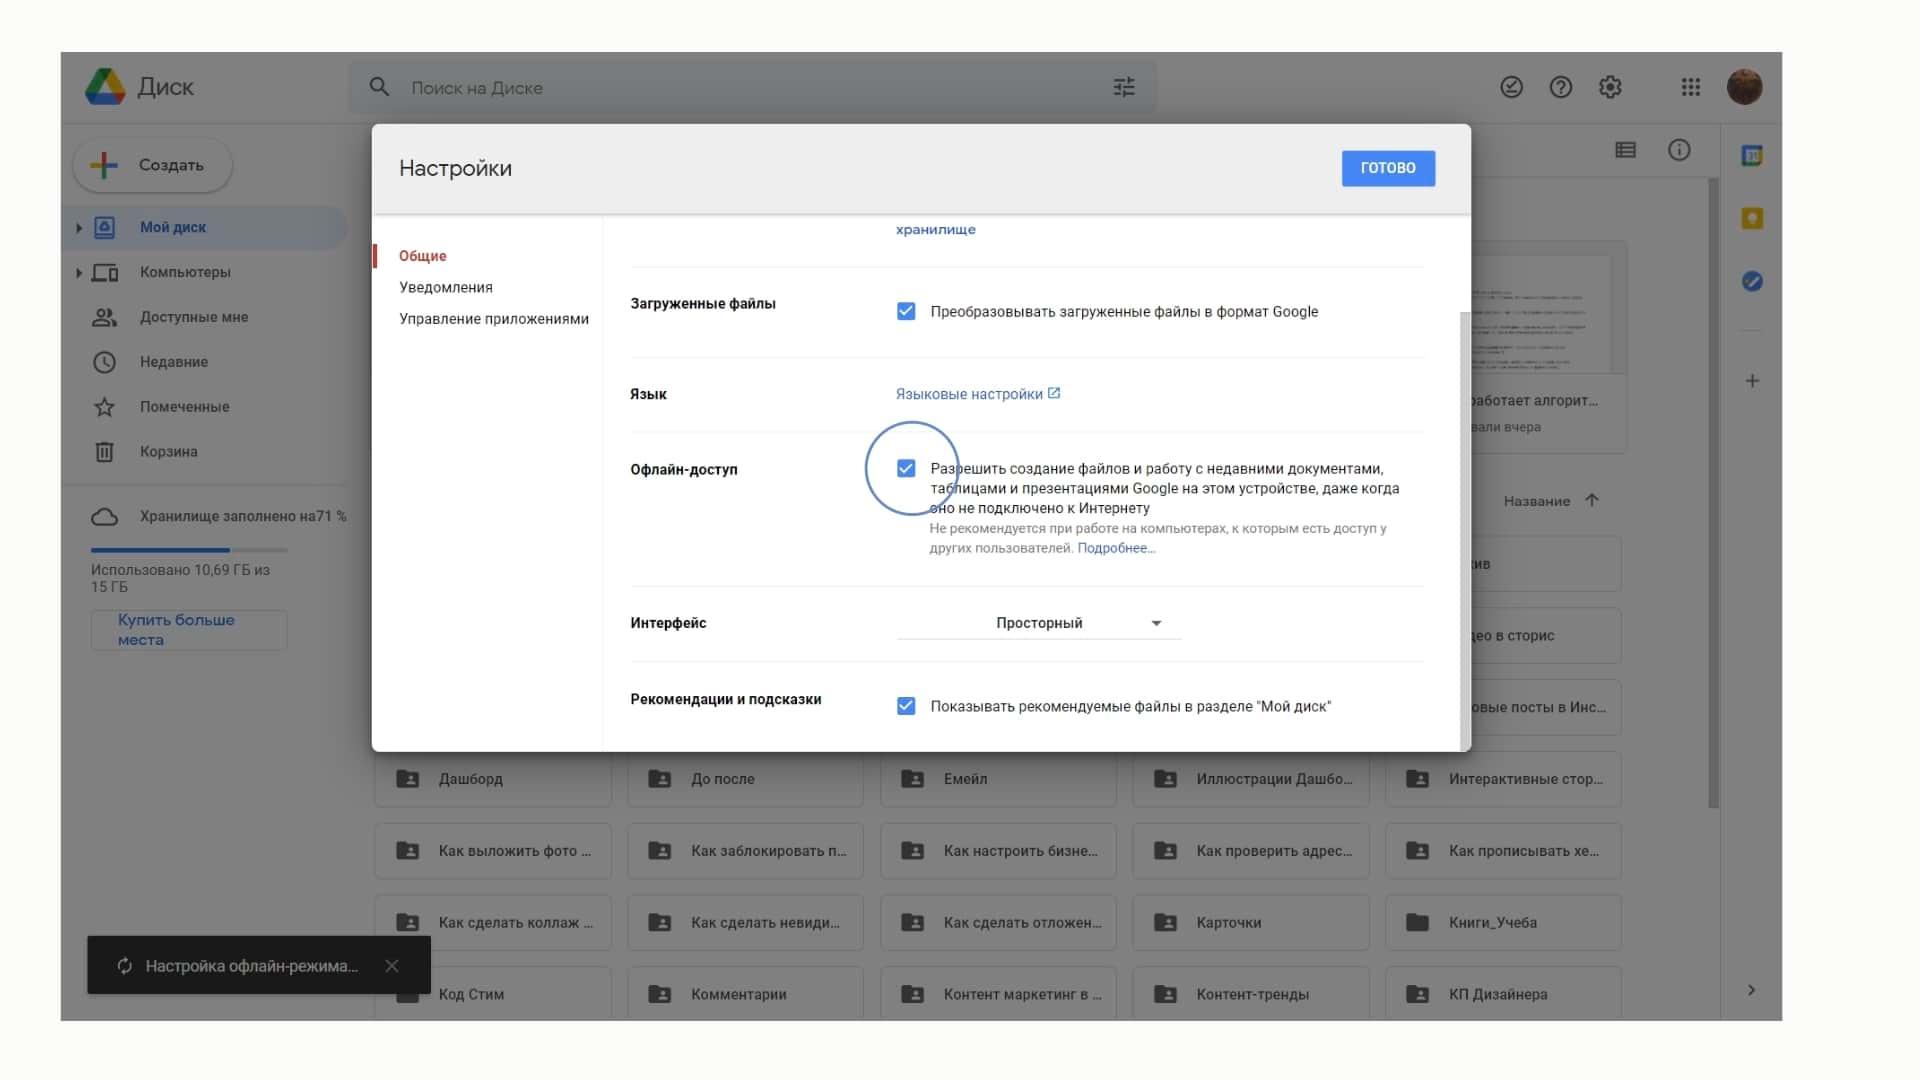 Как сделать офлайн-доступ для Google Документов в браузере